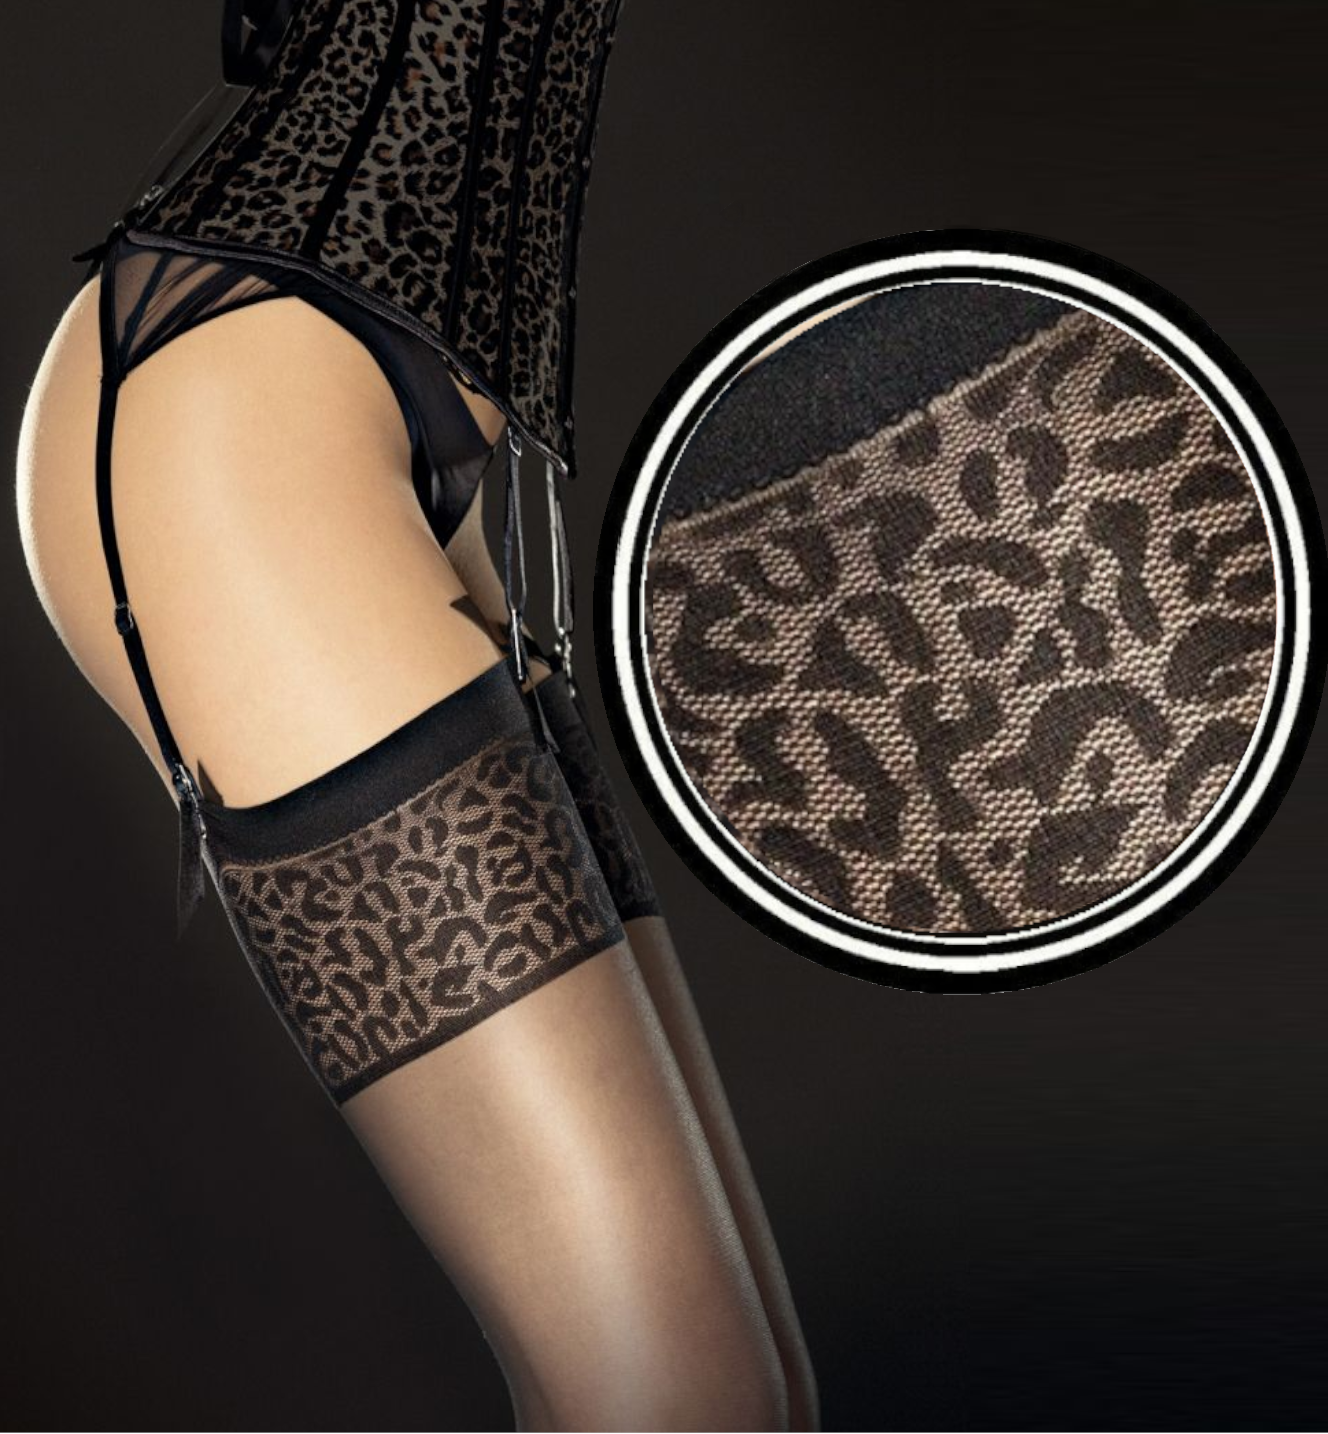 FIORE ANTERA Strapsstrümpfe Tiermuster Sexy Stockings 20DEN Schwarz Gepard Fuß